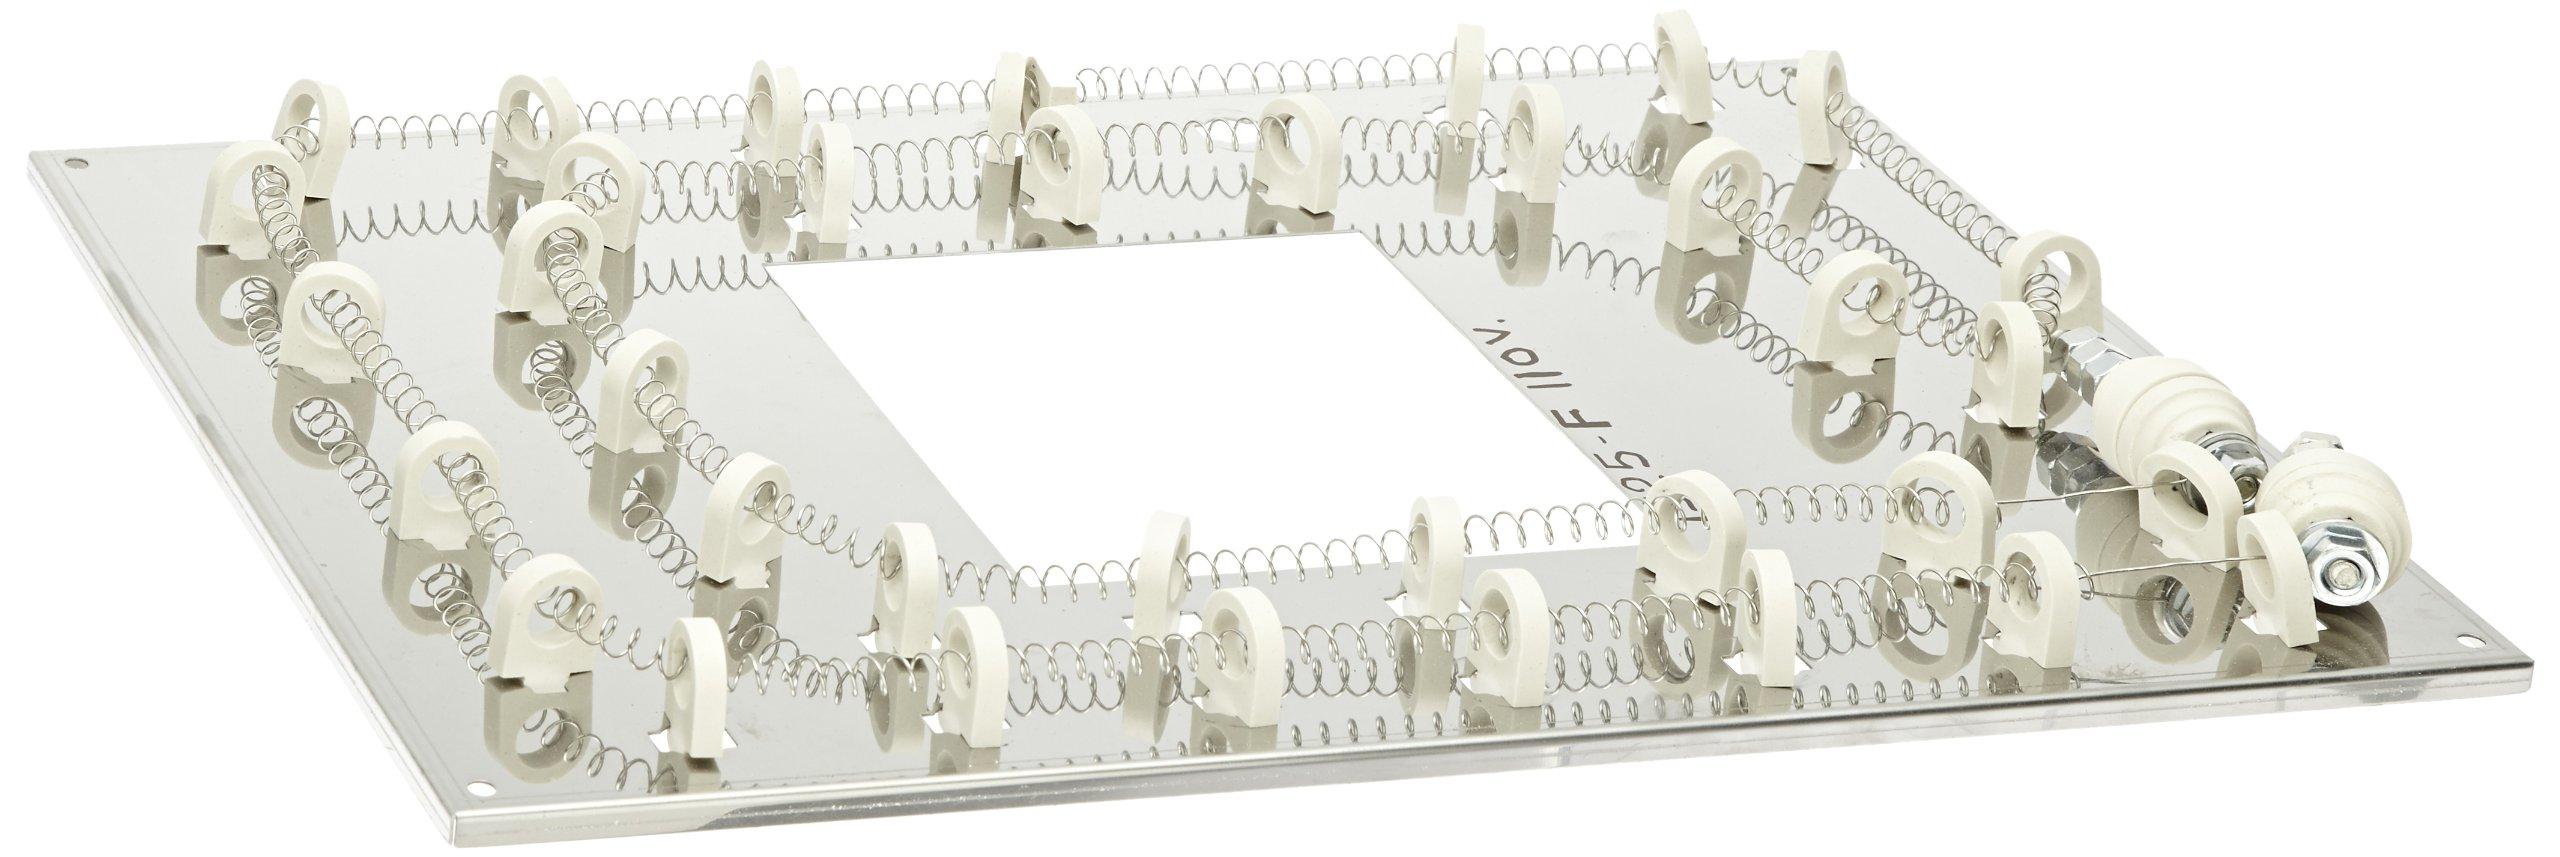 Thomas 9570777 Heating Element TSOV3M, 115V